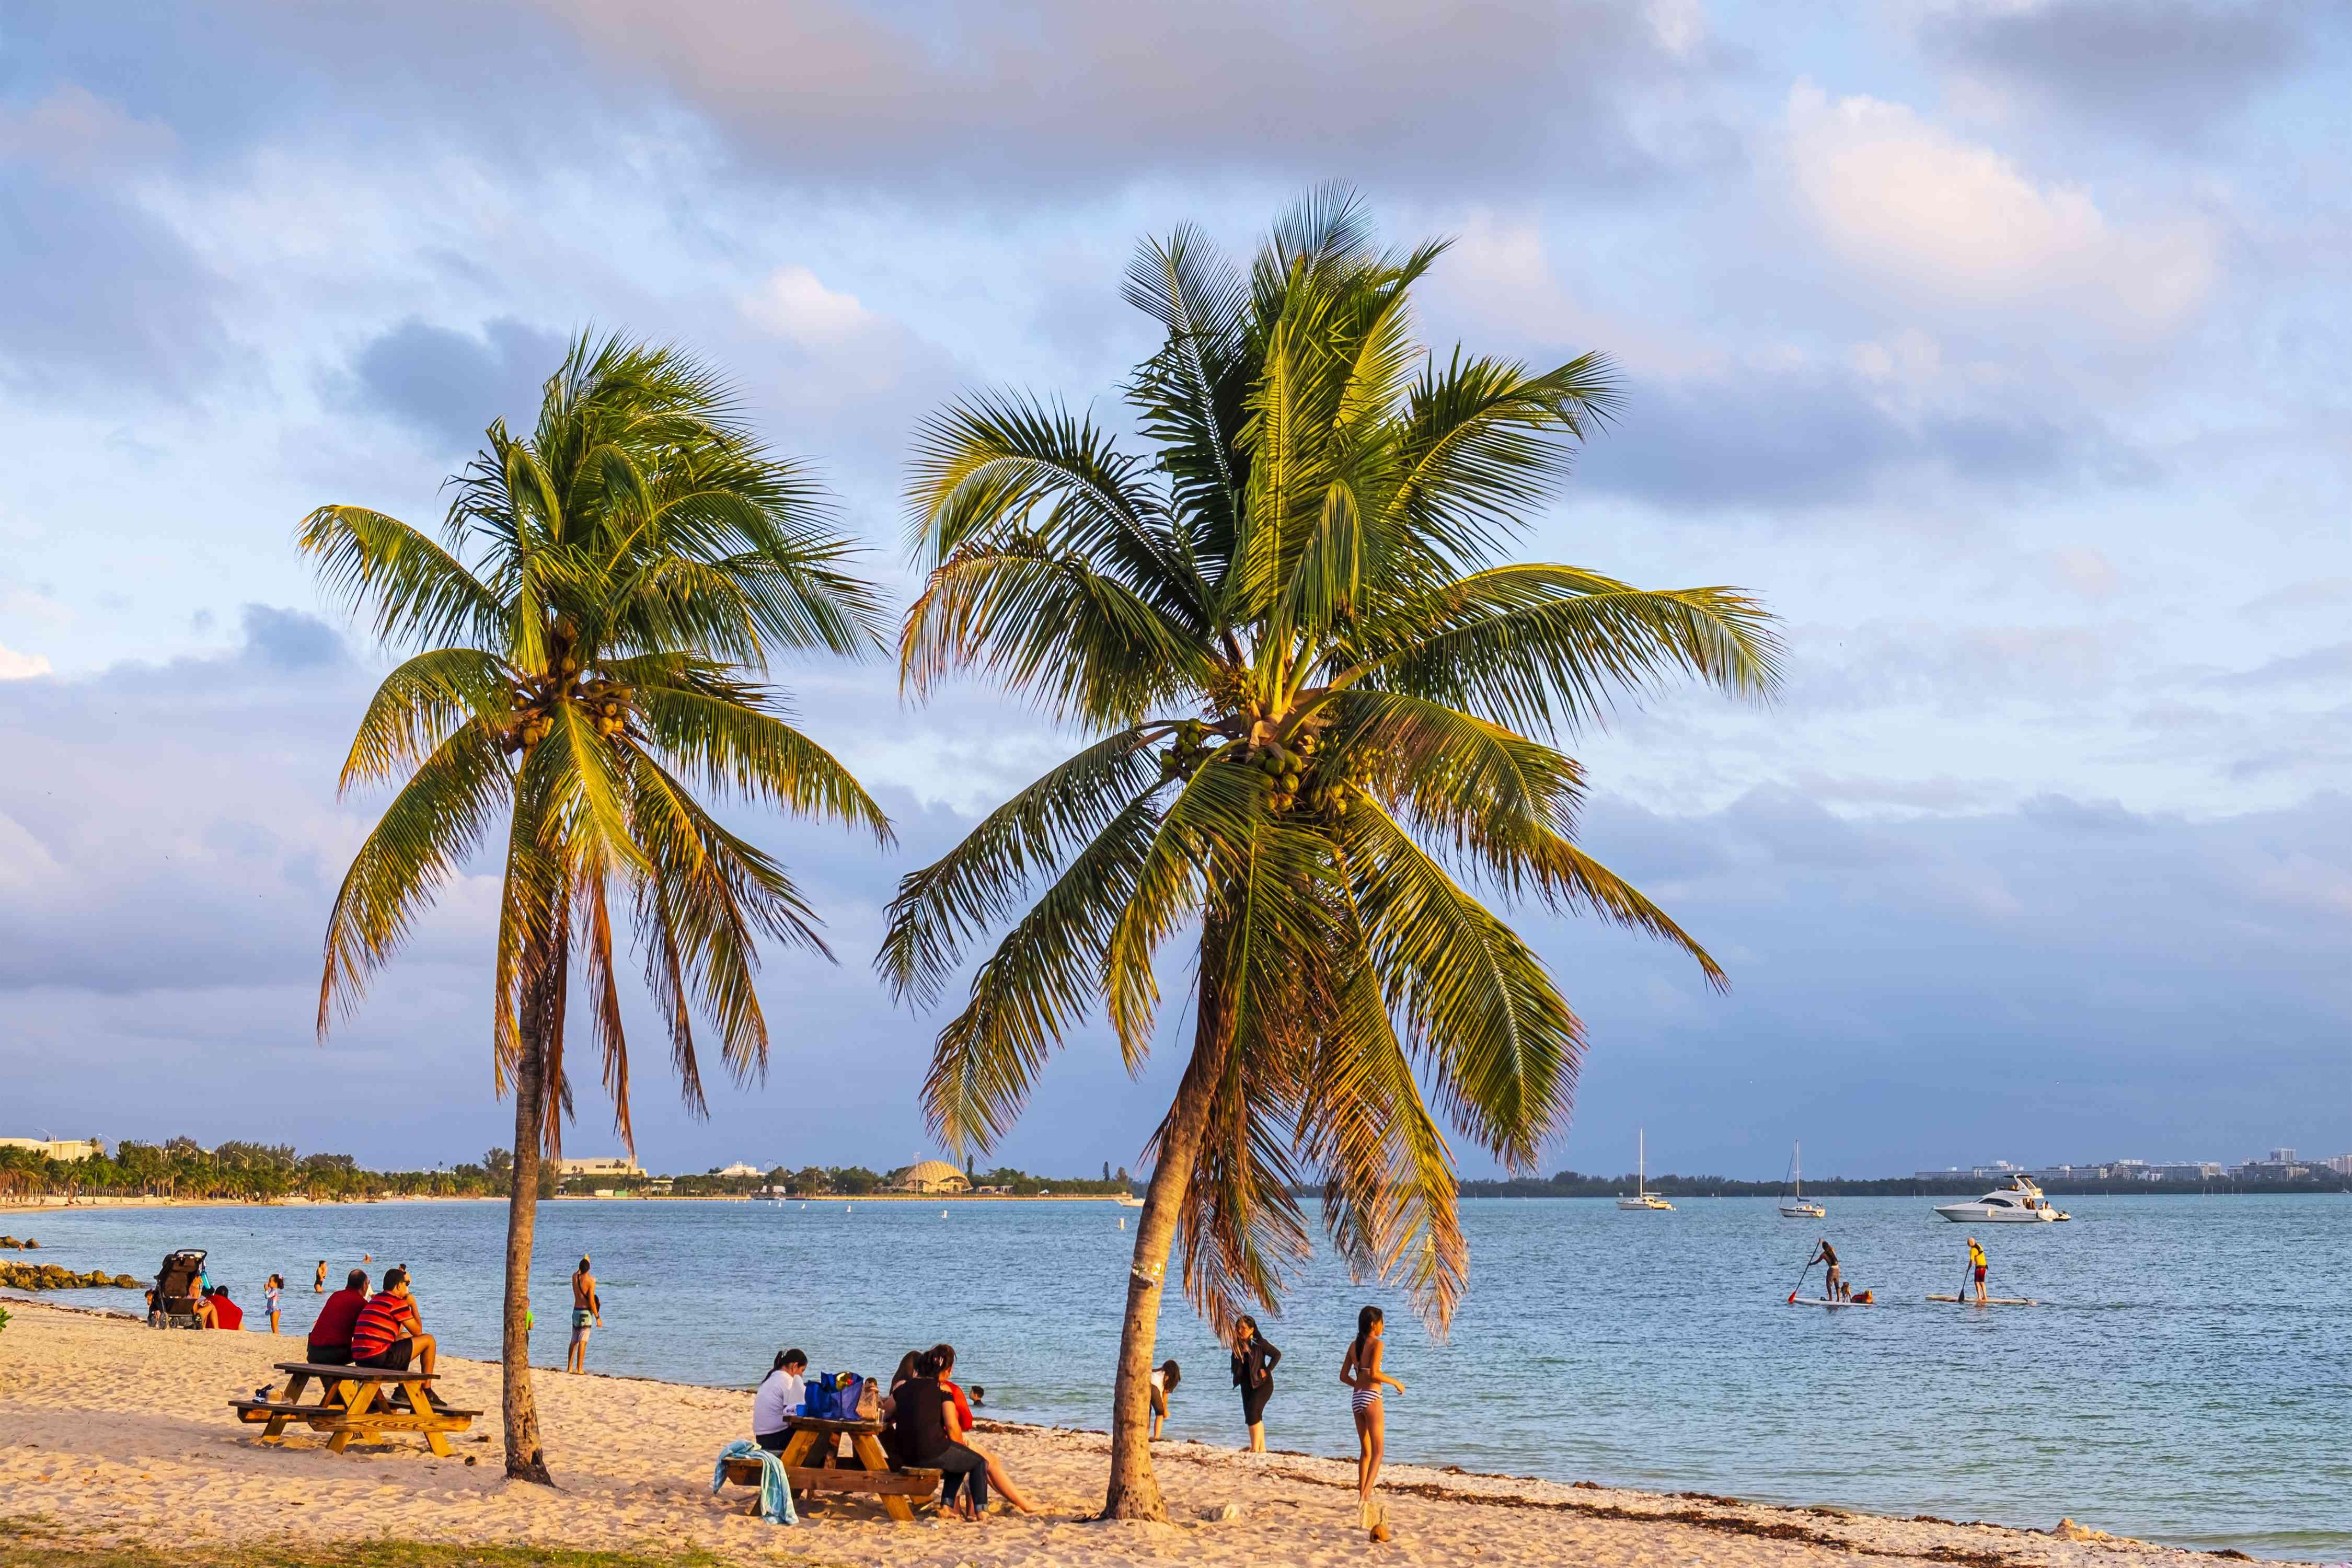 Miami, Hobie Beach - Florida (US)